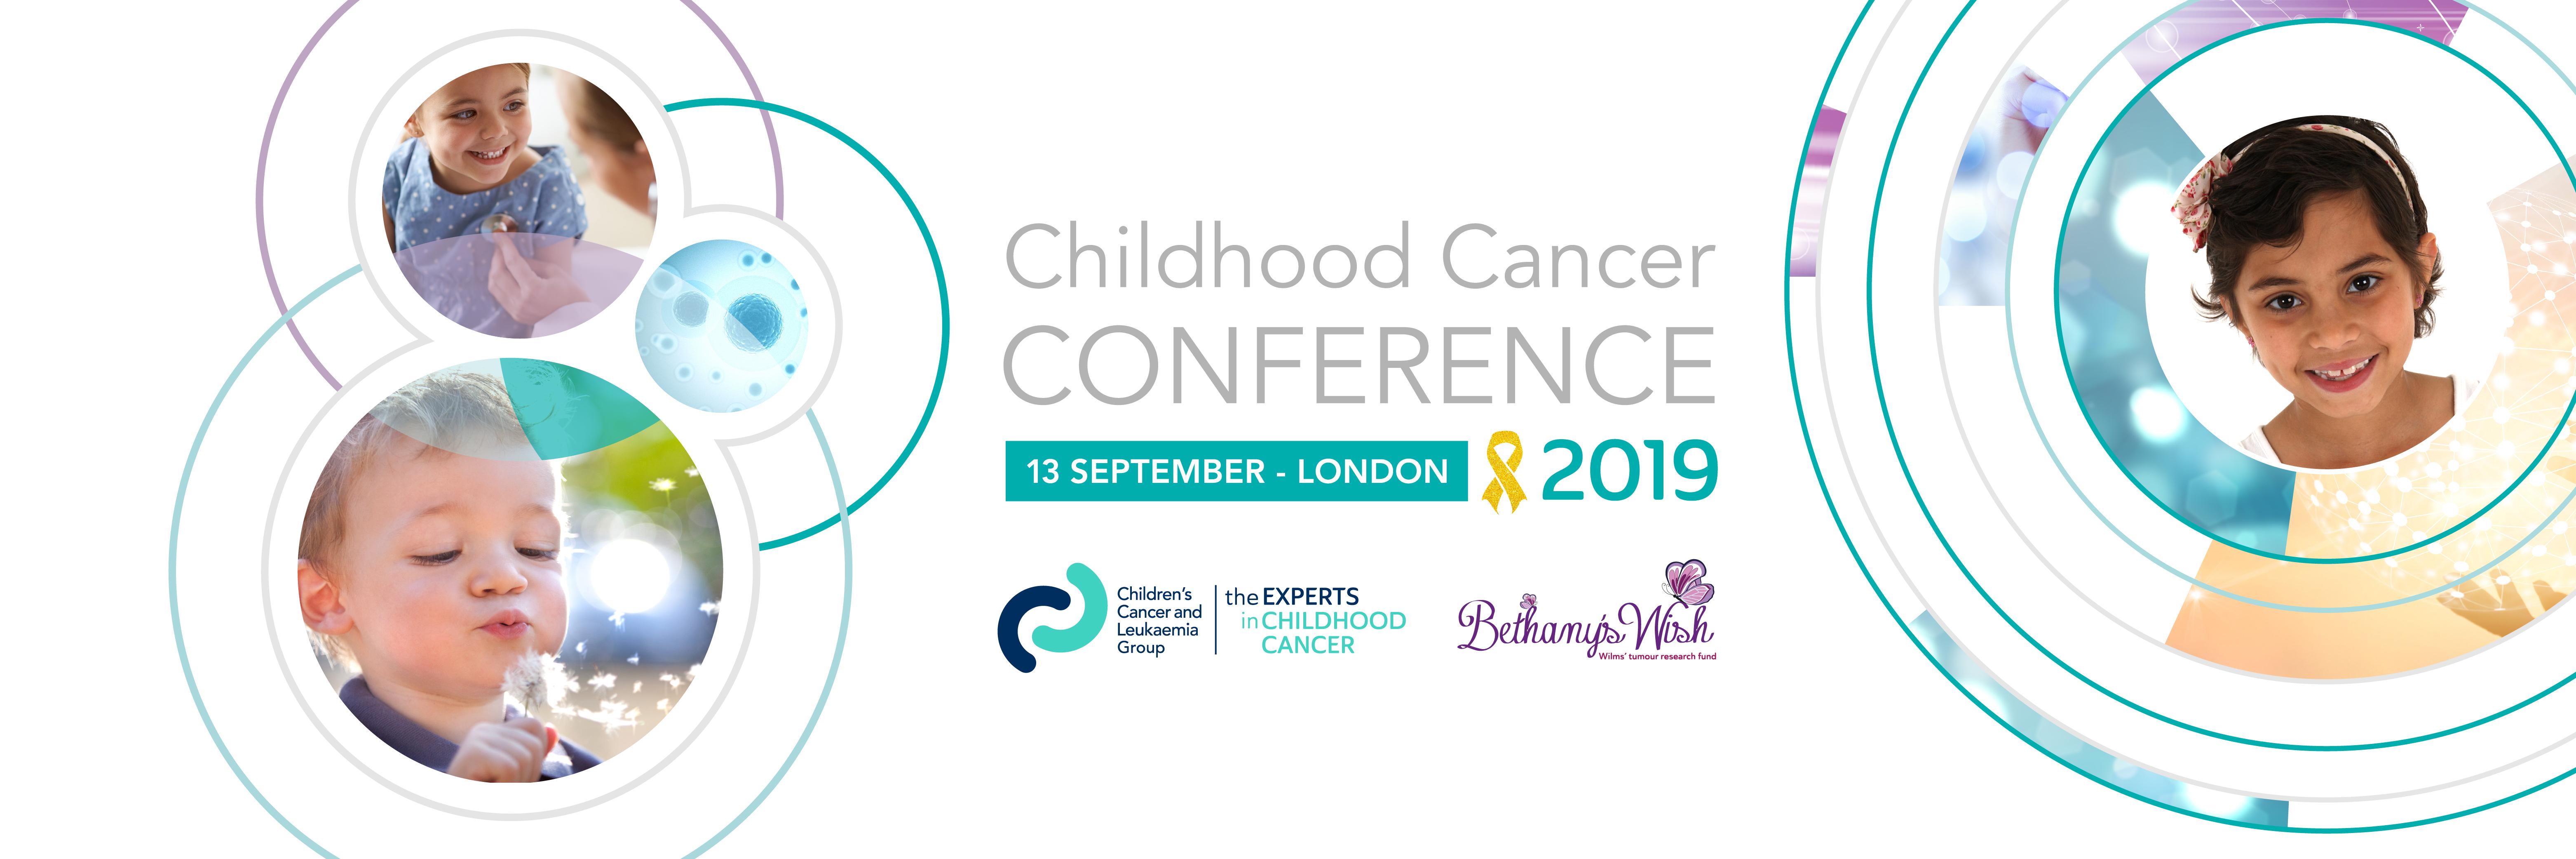 Childhood Cancer Conference